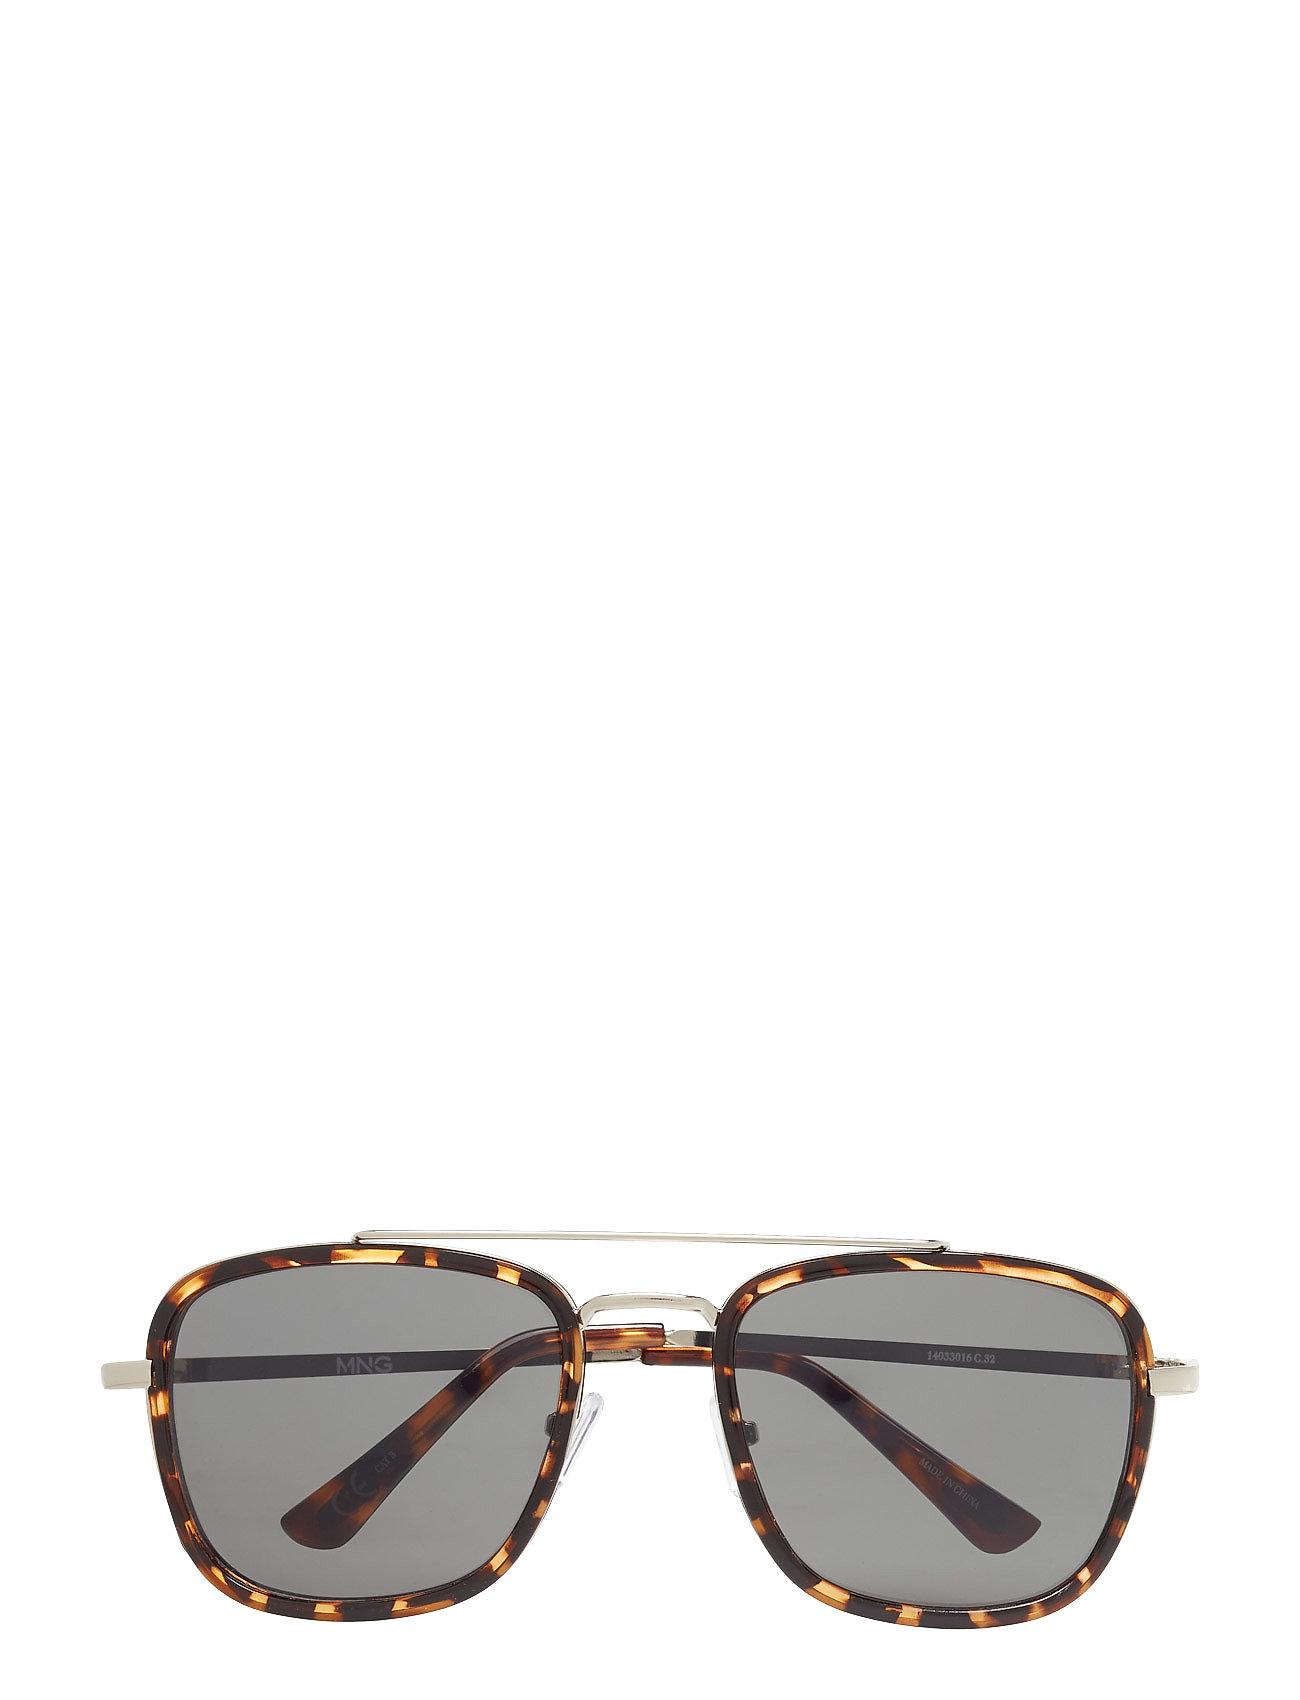 Metal Appliqu Sunglasses Mango Man Solbriller til Herrer i Mørkebrun